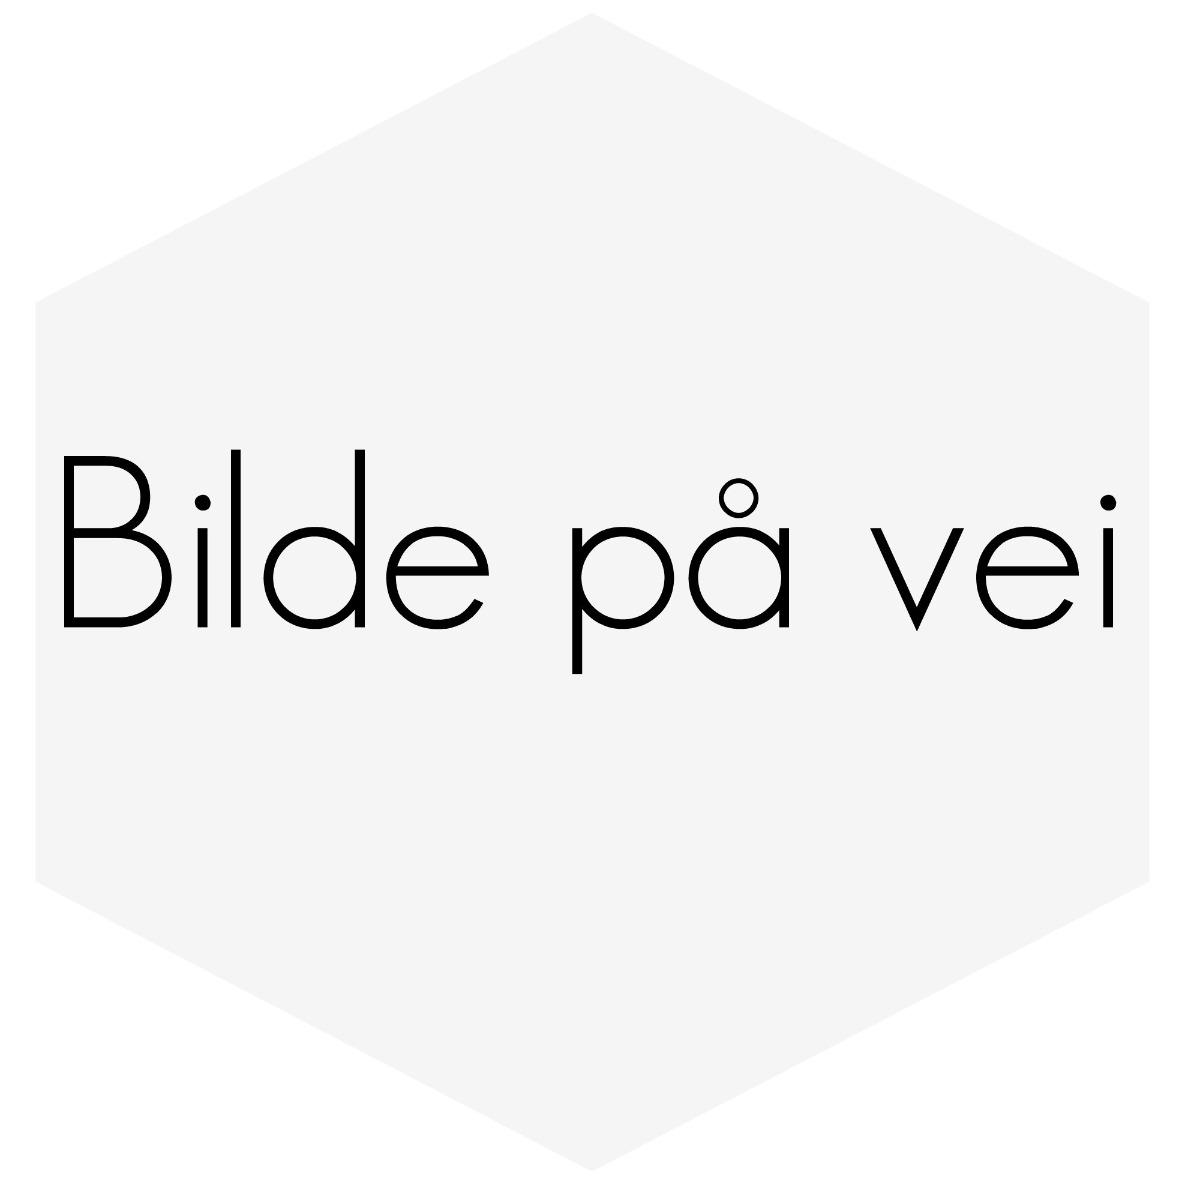 VANNPUMPE S/V70 ,C70,850,960 D24TIC 271768